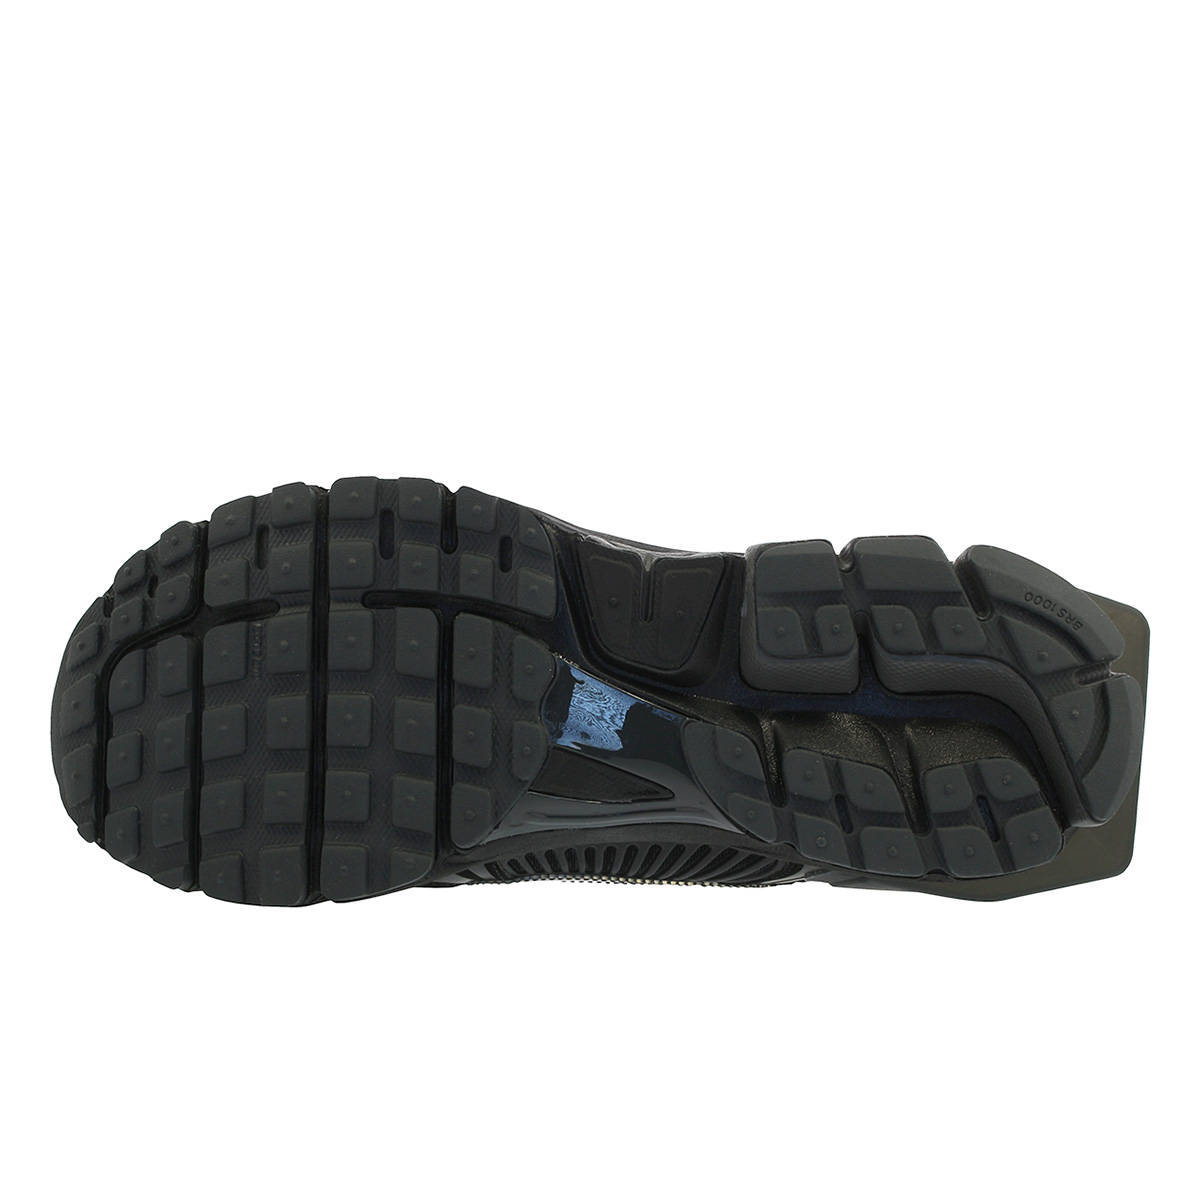 465c47c69aa NIKE x A-COLD-WALL ZOOM VOMERO 5 Nike x アコールドウォールズームボメロ +5 BLACK REFLECT  SILVER ANTHRACITE at3152-001